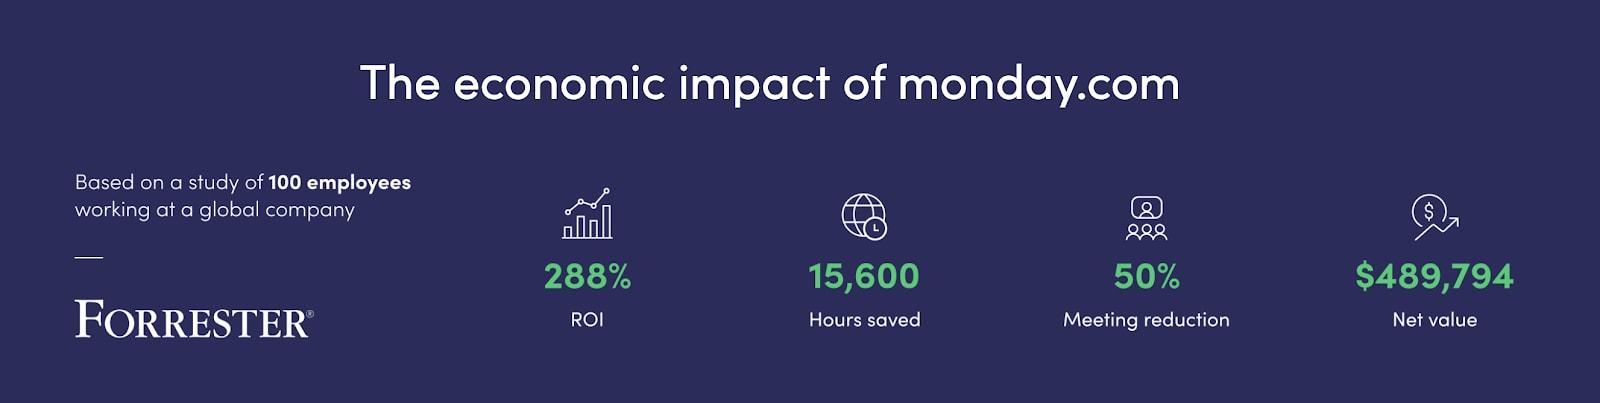 the economic impact of monday.com